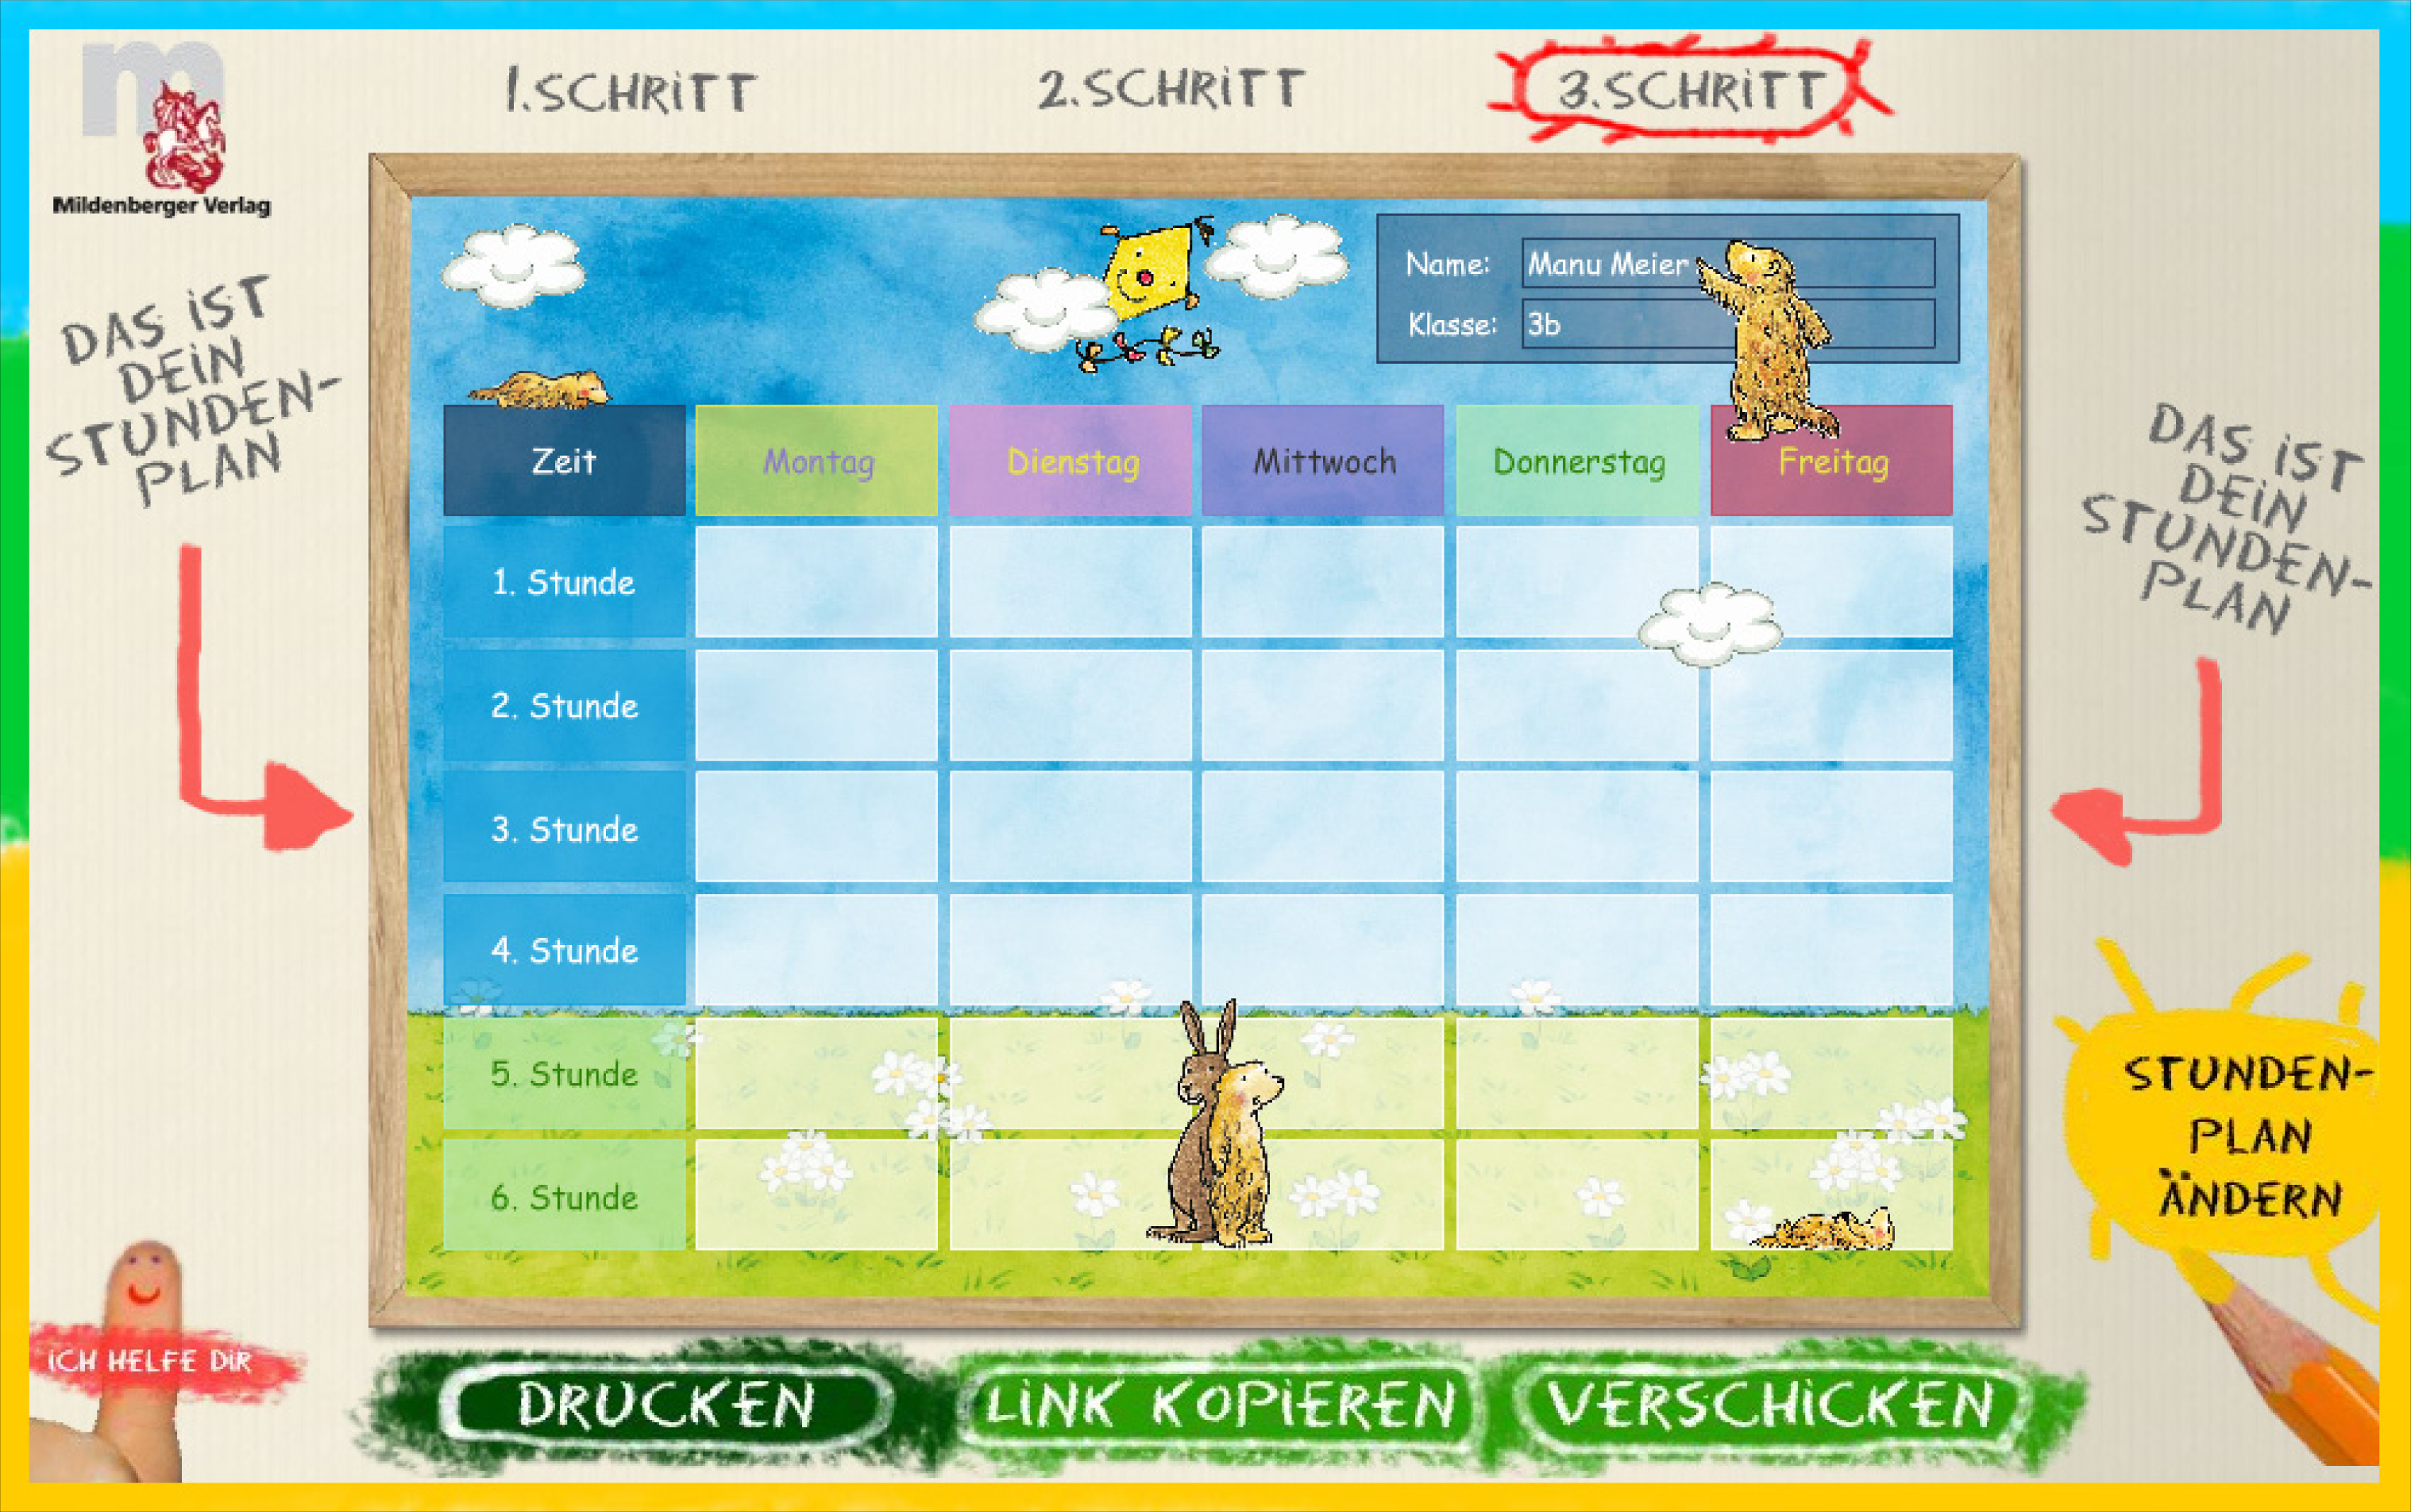 der-stundenplan.de: Presse